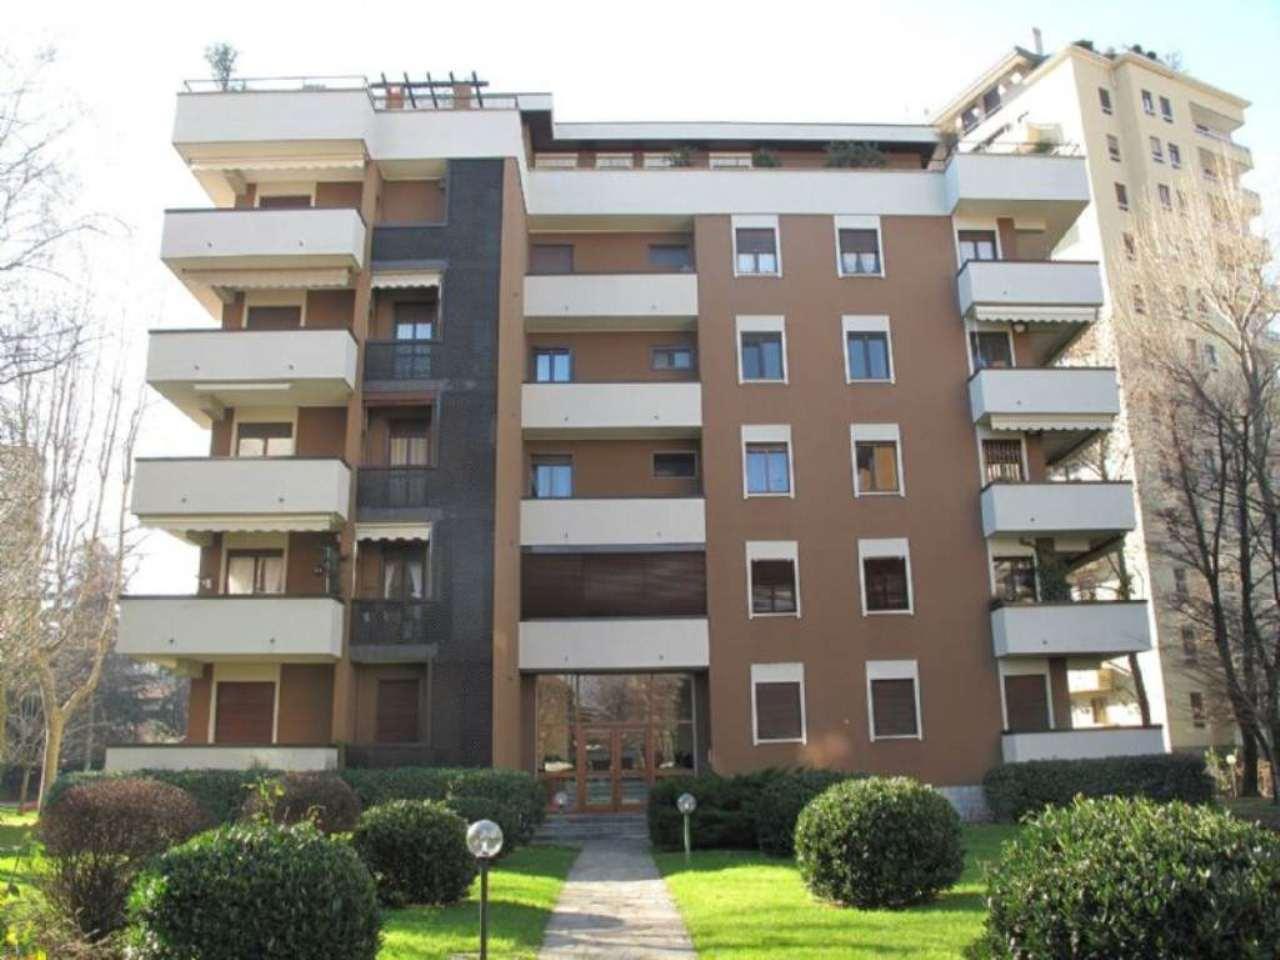 Attico / Mansarda in vendita a Sesto San Giovanni, 11 locali, prezzo € 1.100.000 | Cambio Casa.it